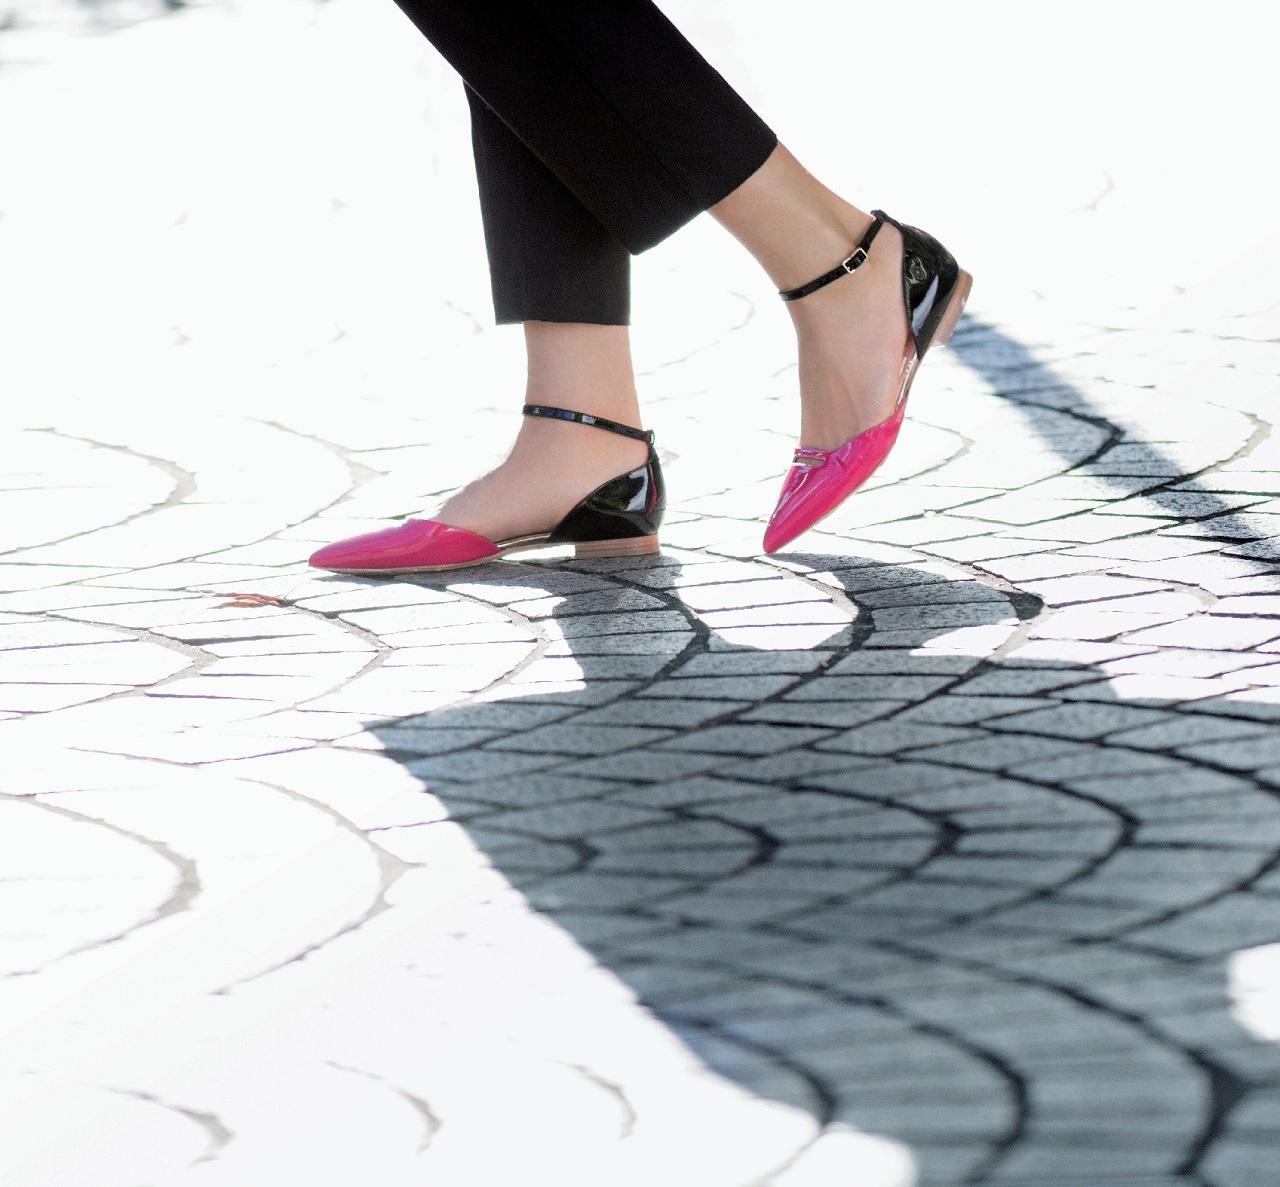 アピール力が光る、ノンヒールなのにおしゃれな靴 五選_1_2